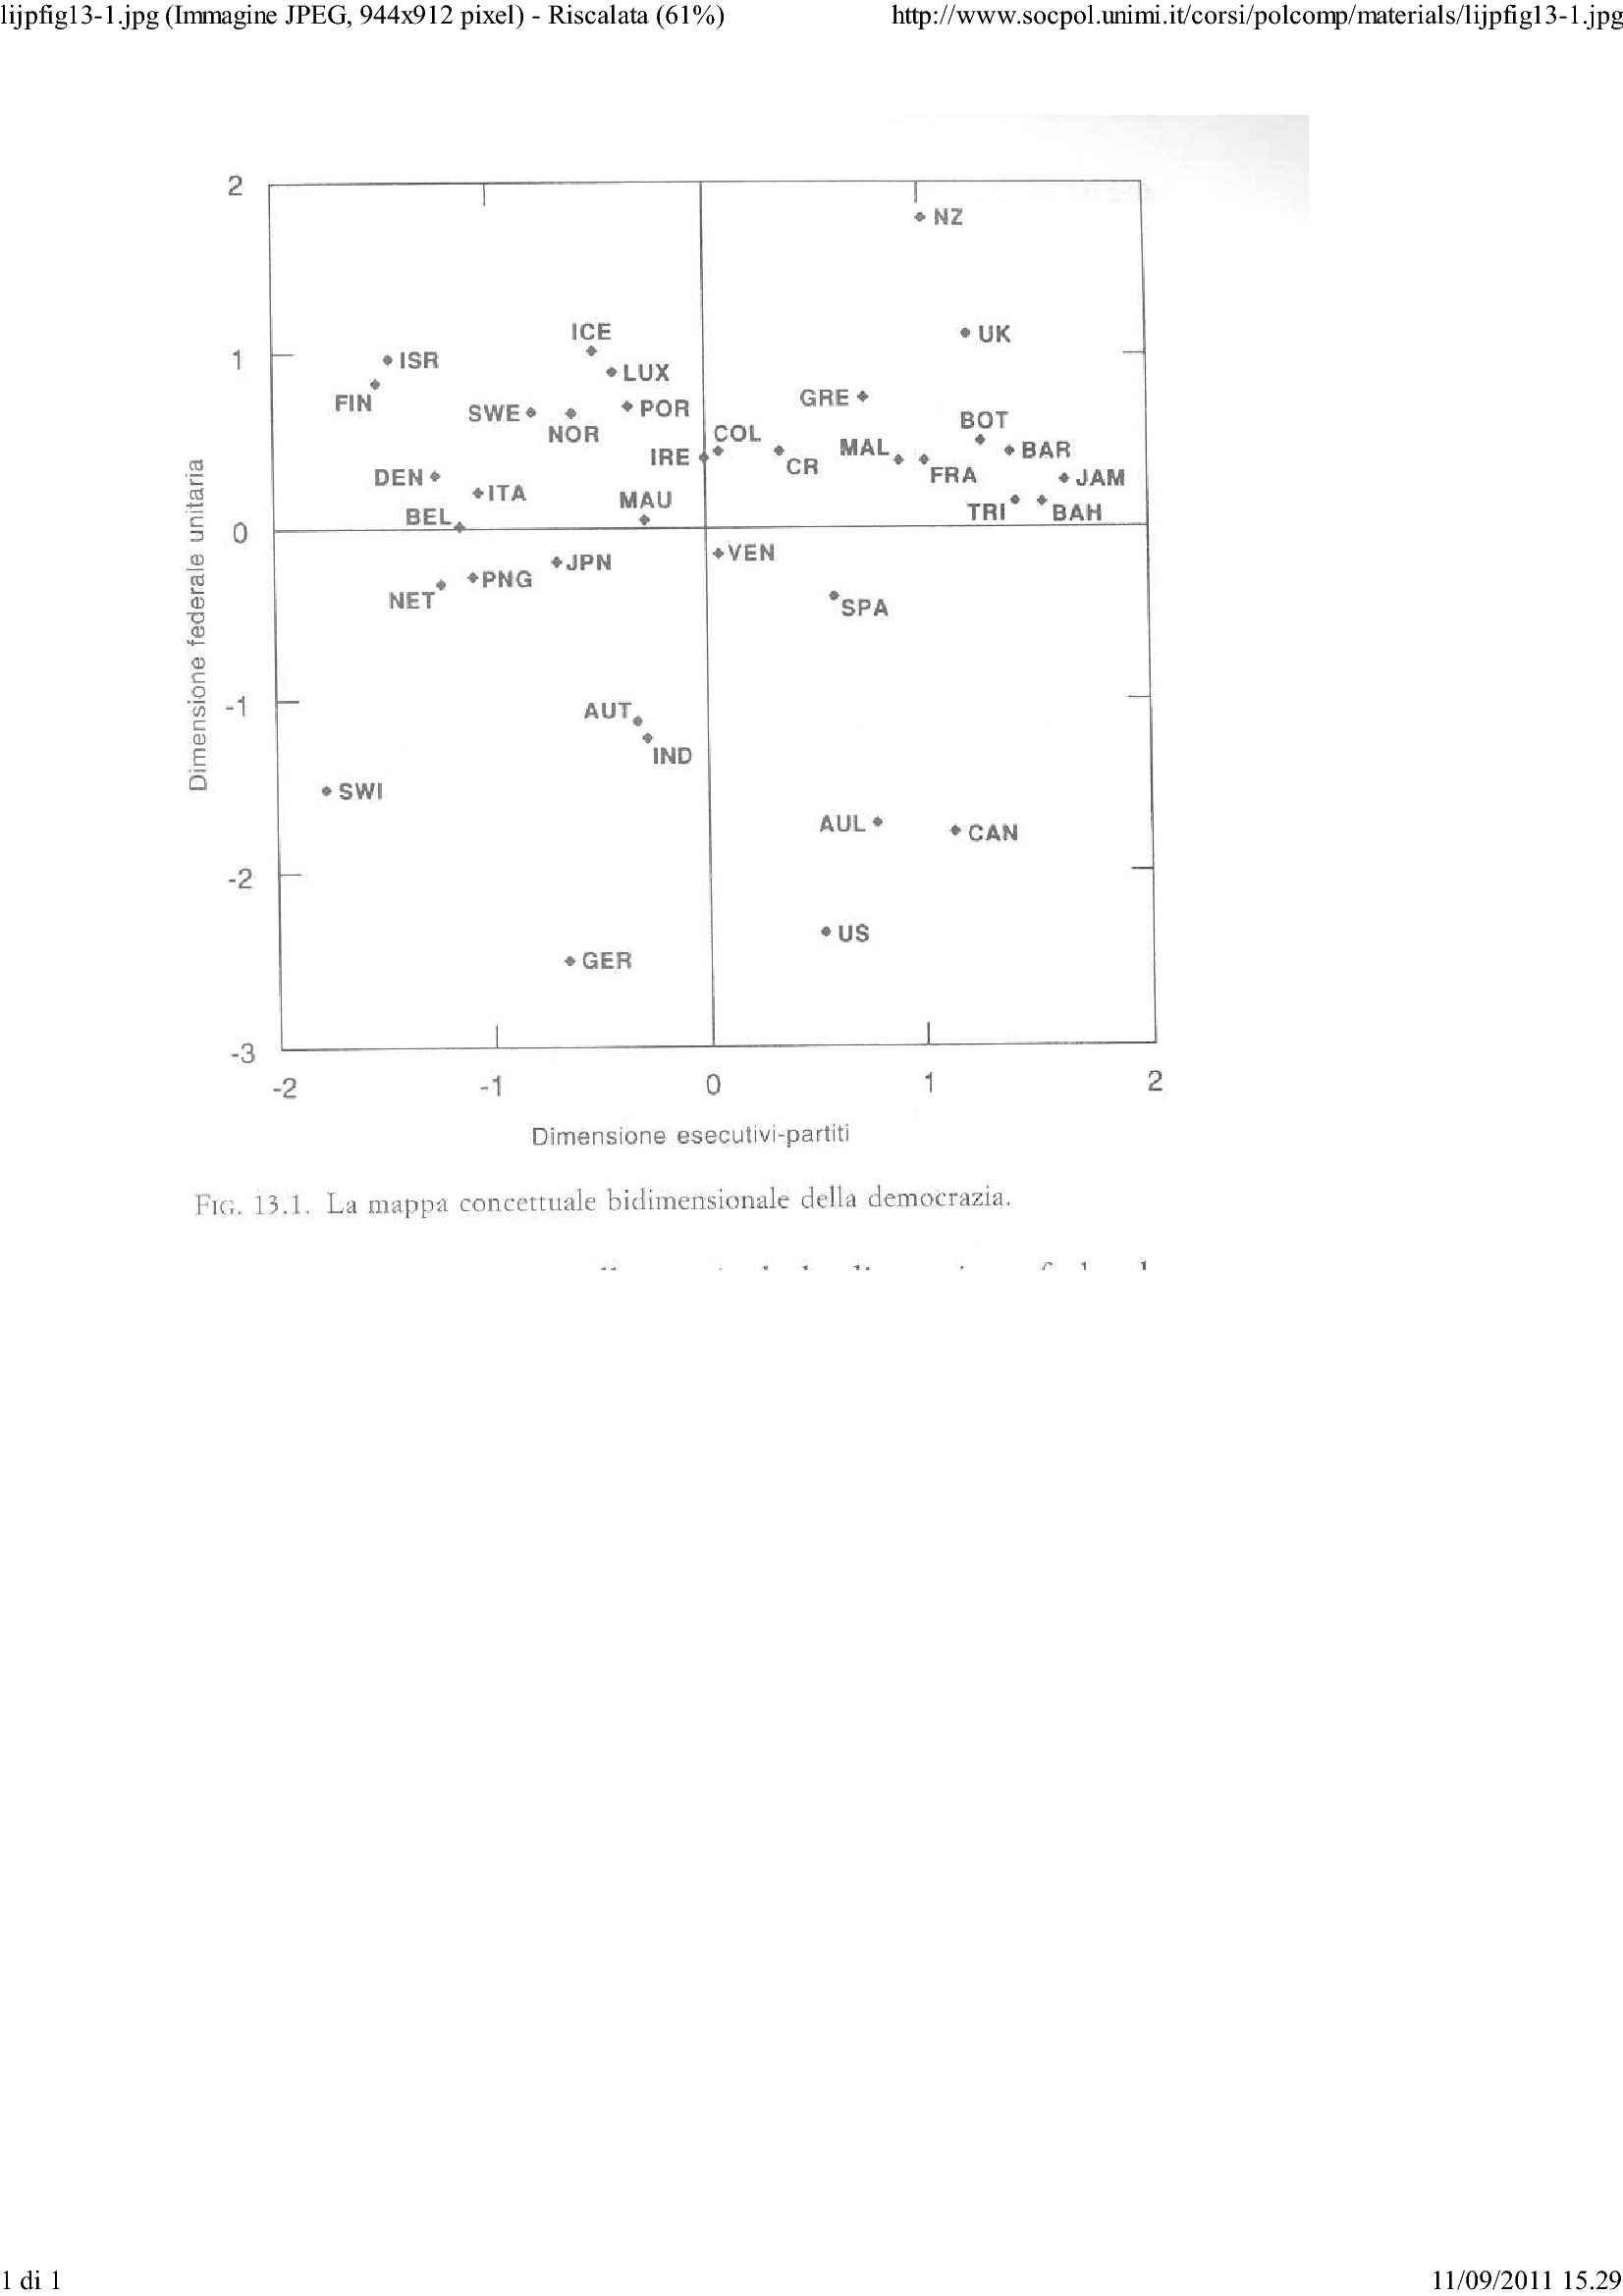 Mappa concettuale bidimensionale della democrazia - Lijphart